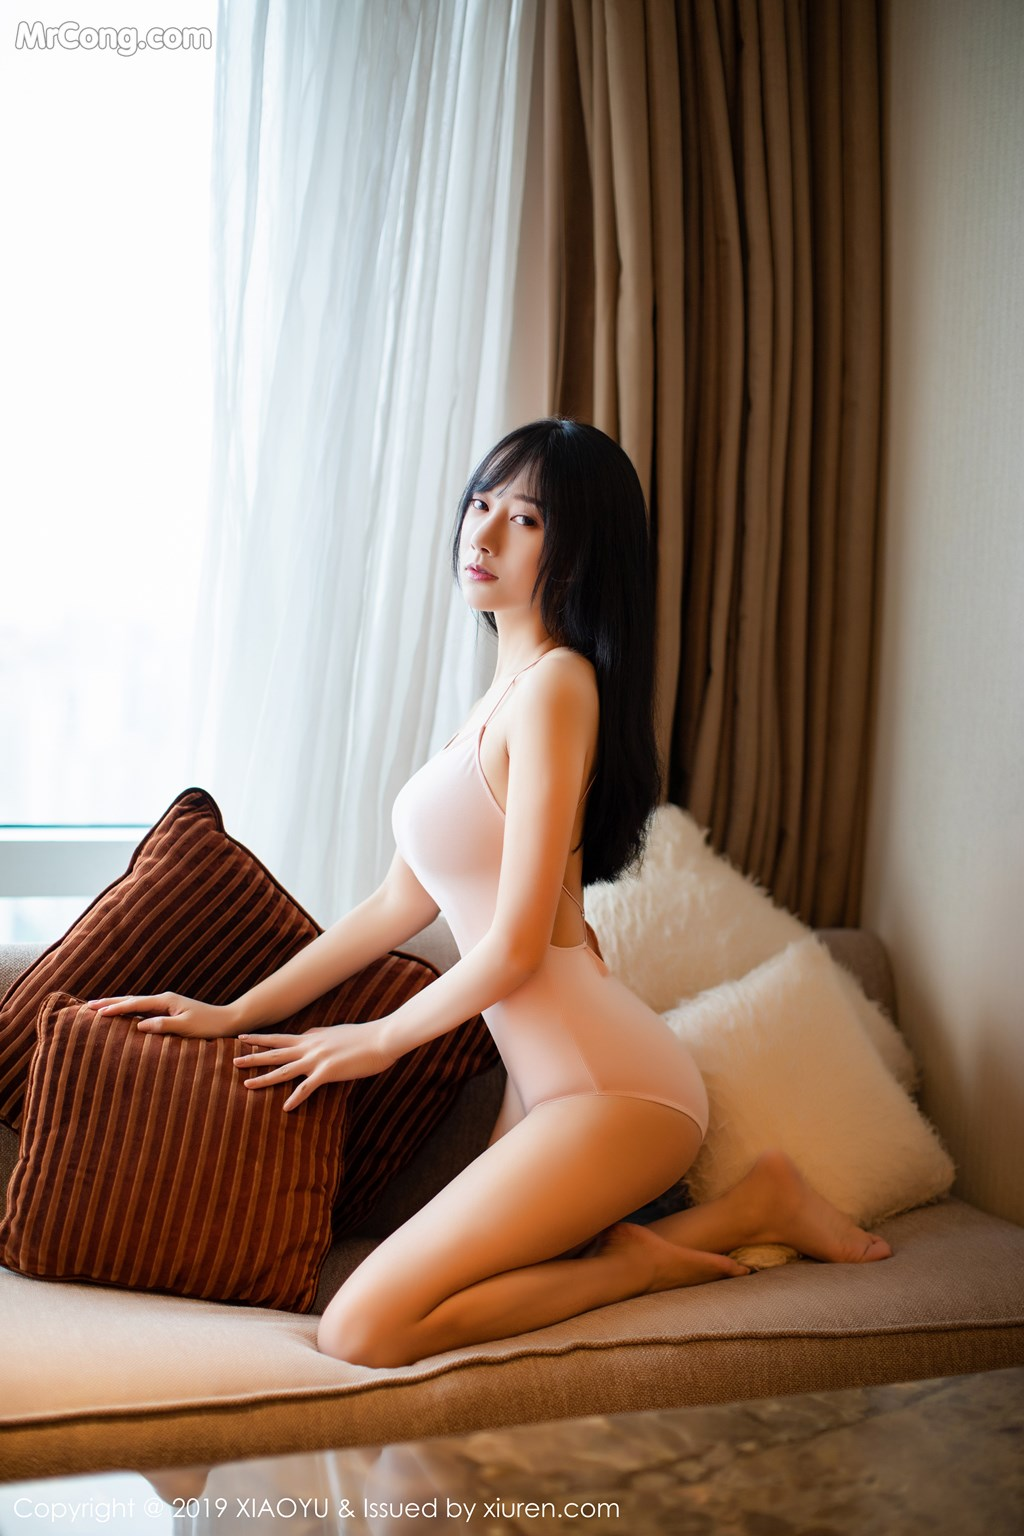 Image XiaoYu-Vol.097-He-Jia-Ying-MrCong.com-008 in post XiaoYu Vol.097: He Jia Ying (何嘉颖) (67 ảnh)